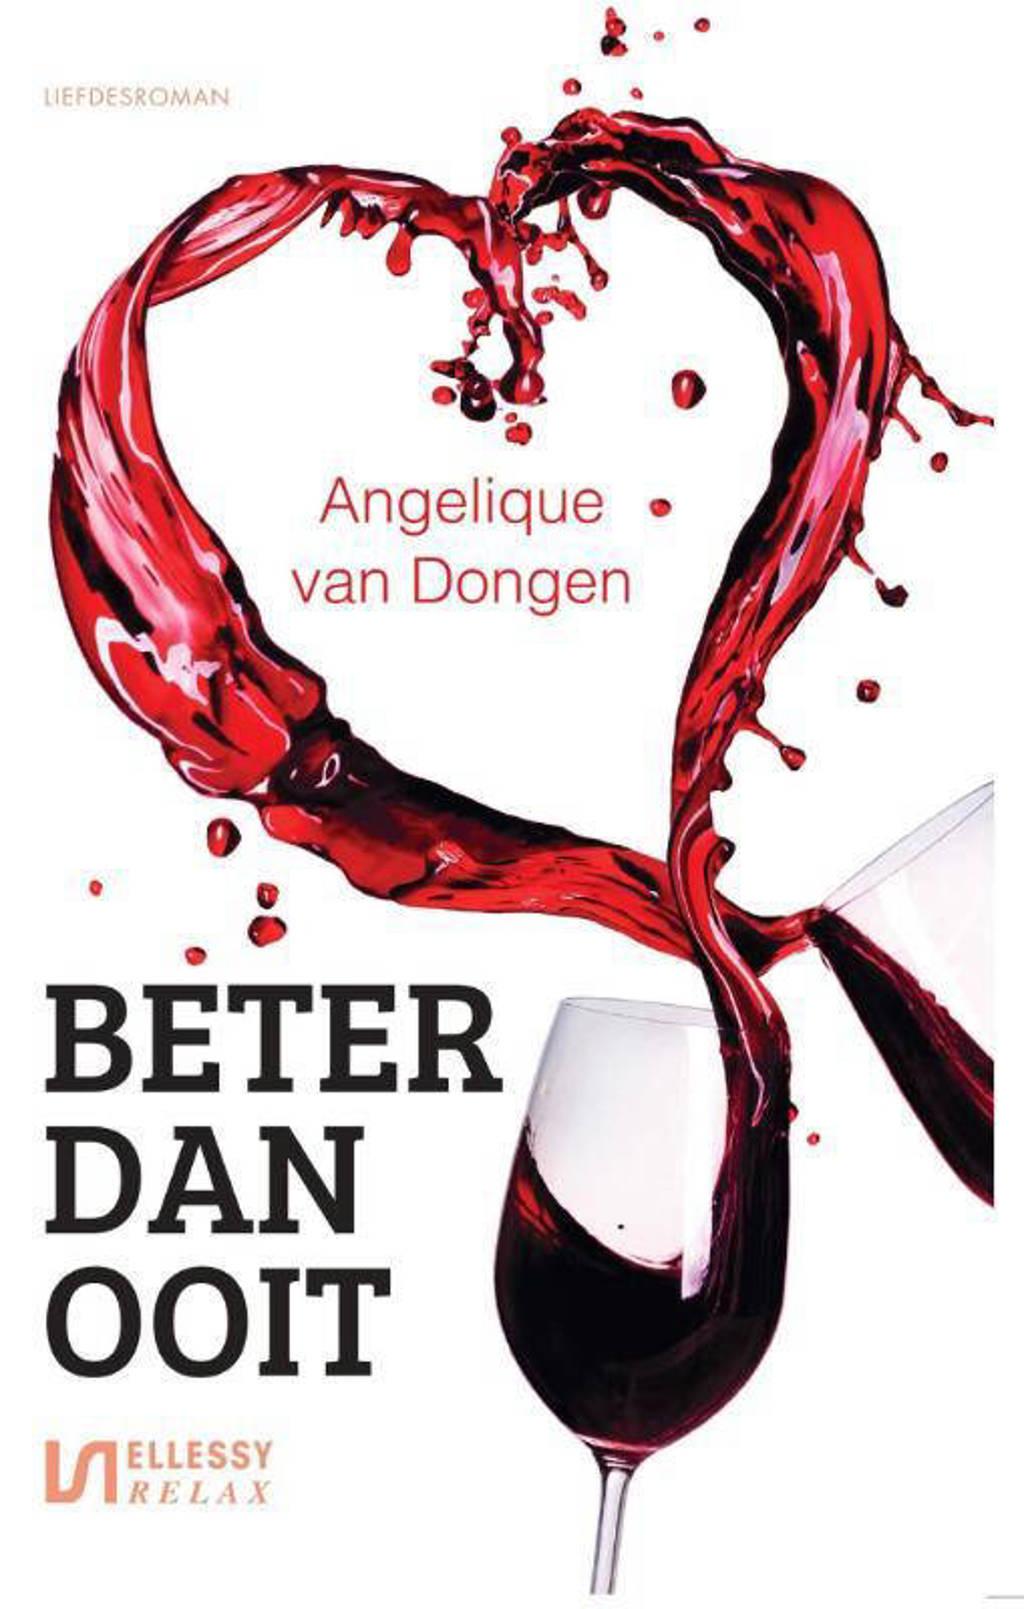 Beter dan ooit - Angelique van Dongen